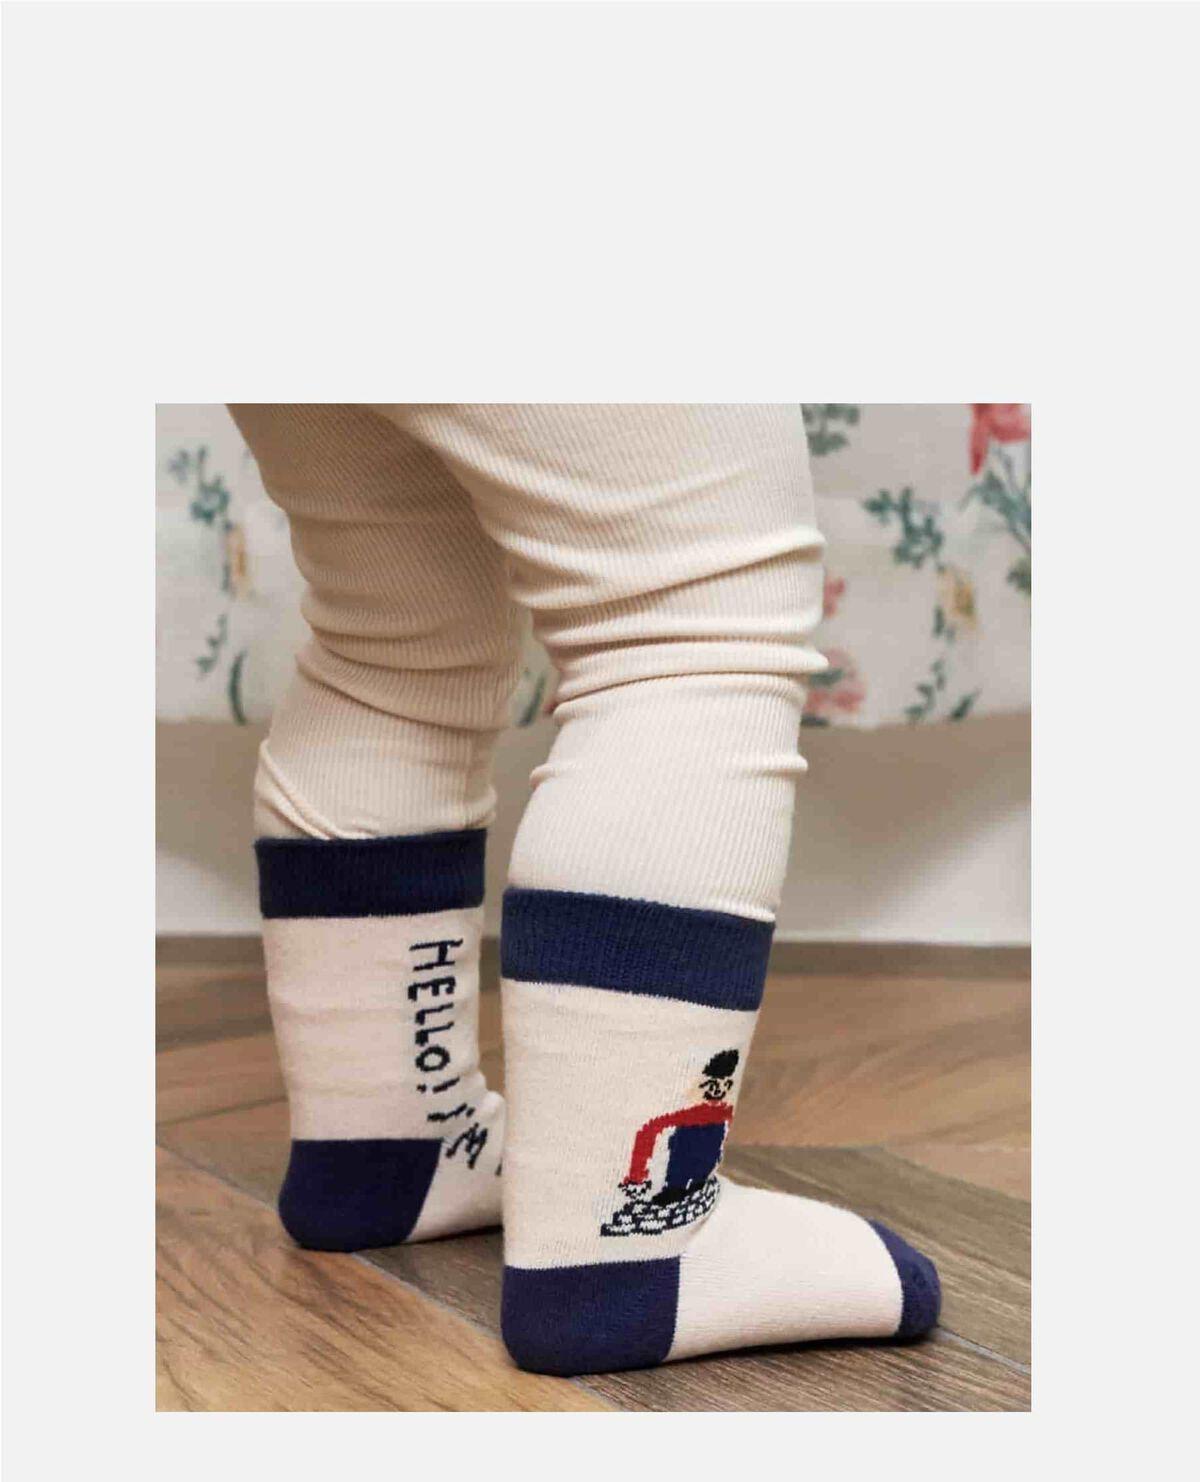 靴下 モグ タカハシ 大人 ユニセックス ベビー靴下セット